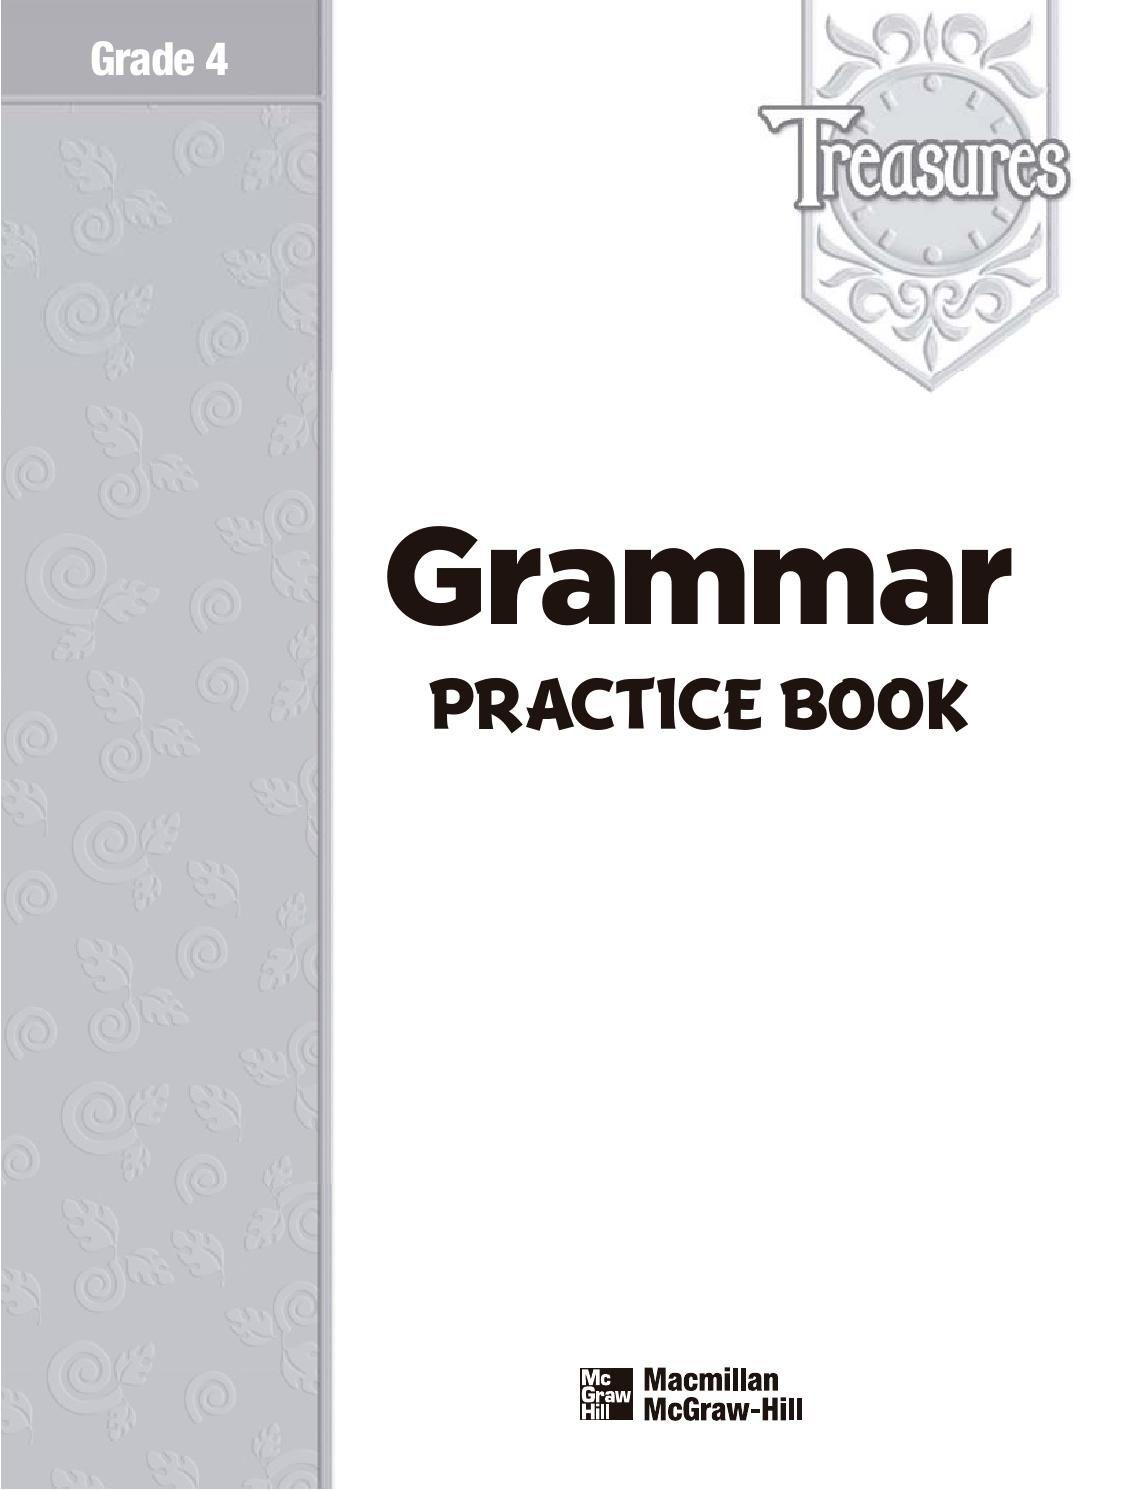 Grade 4 English Worksheets Macmillan